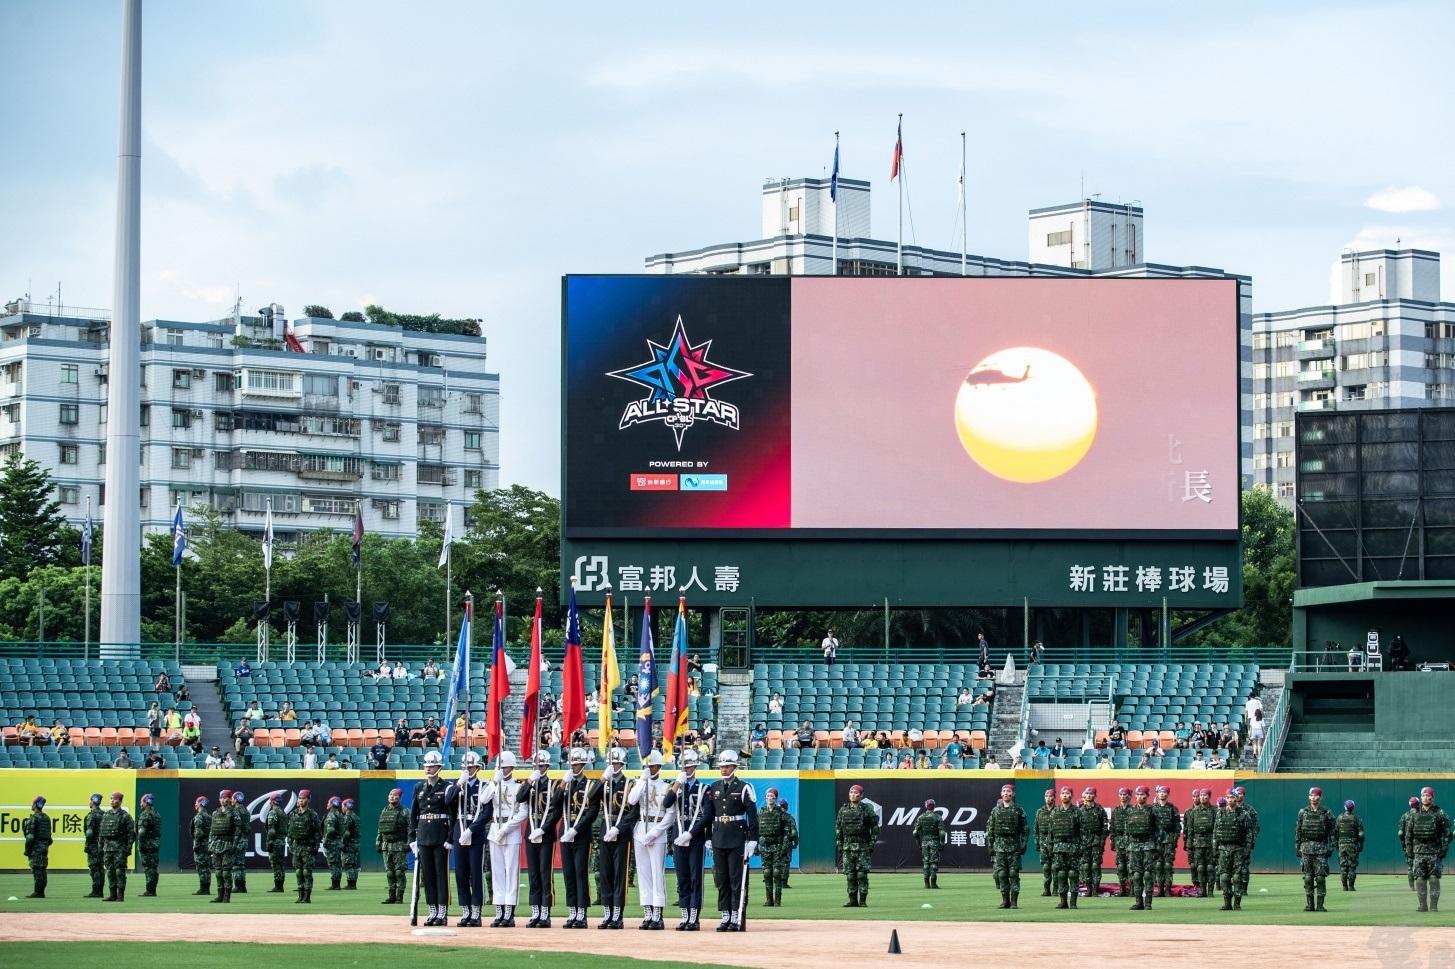 中職明星賽開幕 國軍領唱國歌